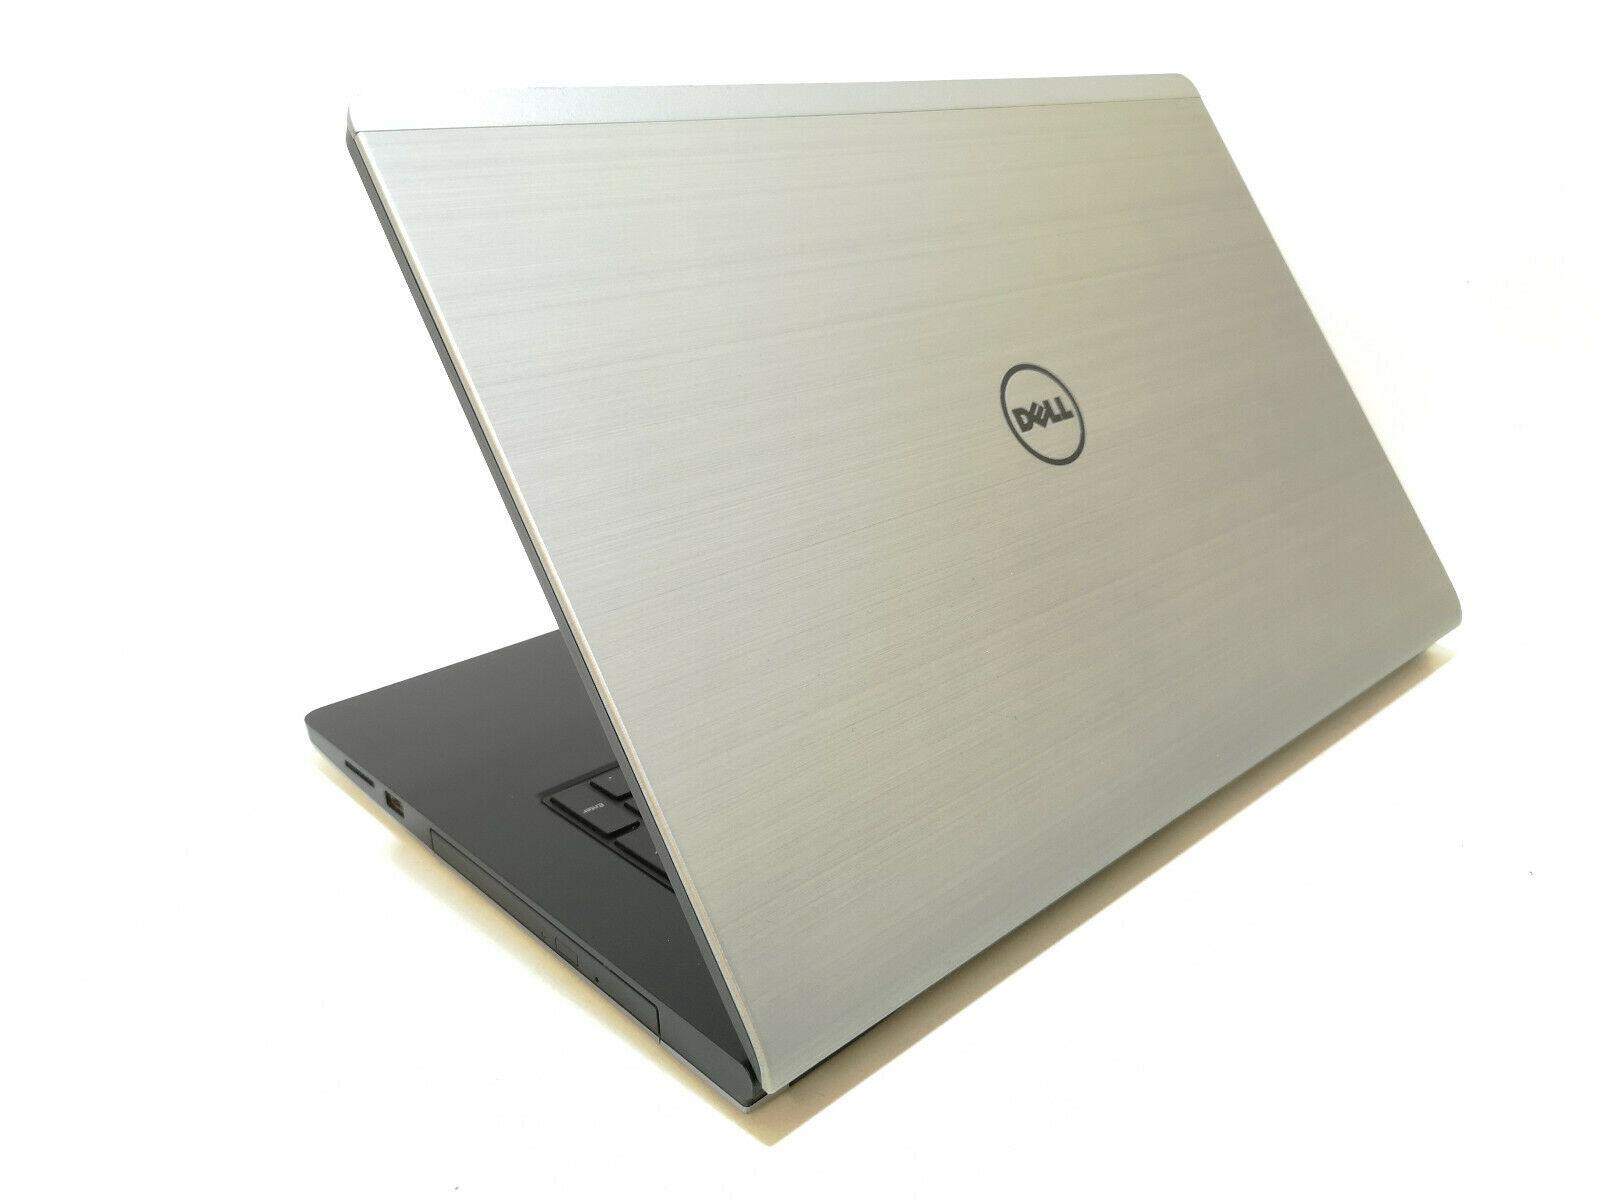 Dell Inspiron 5749 No 5